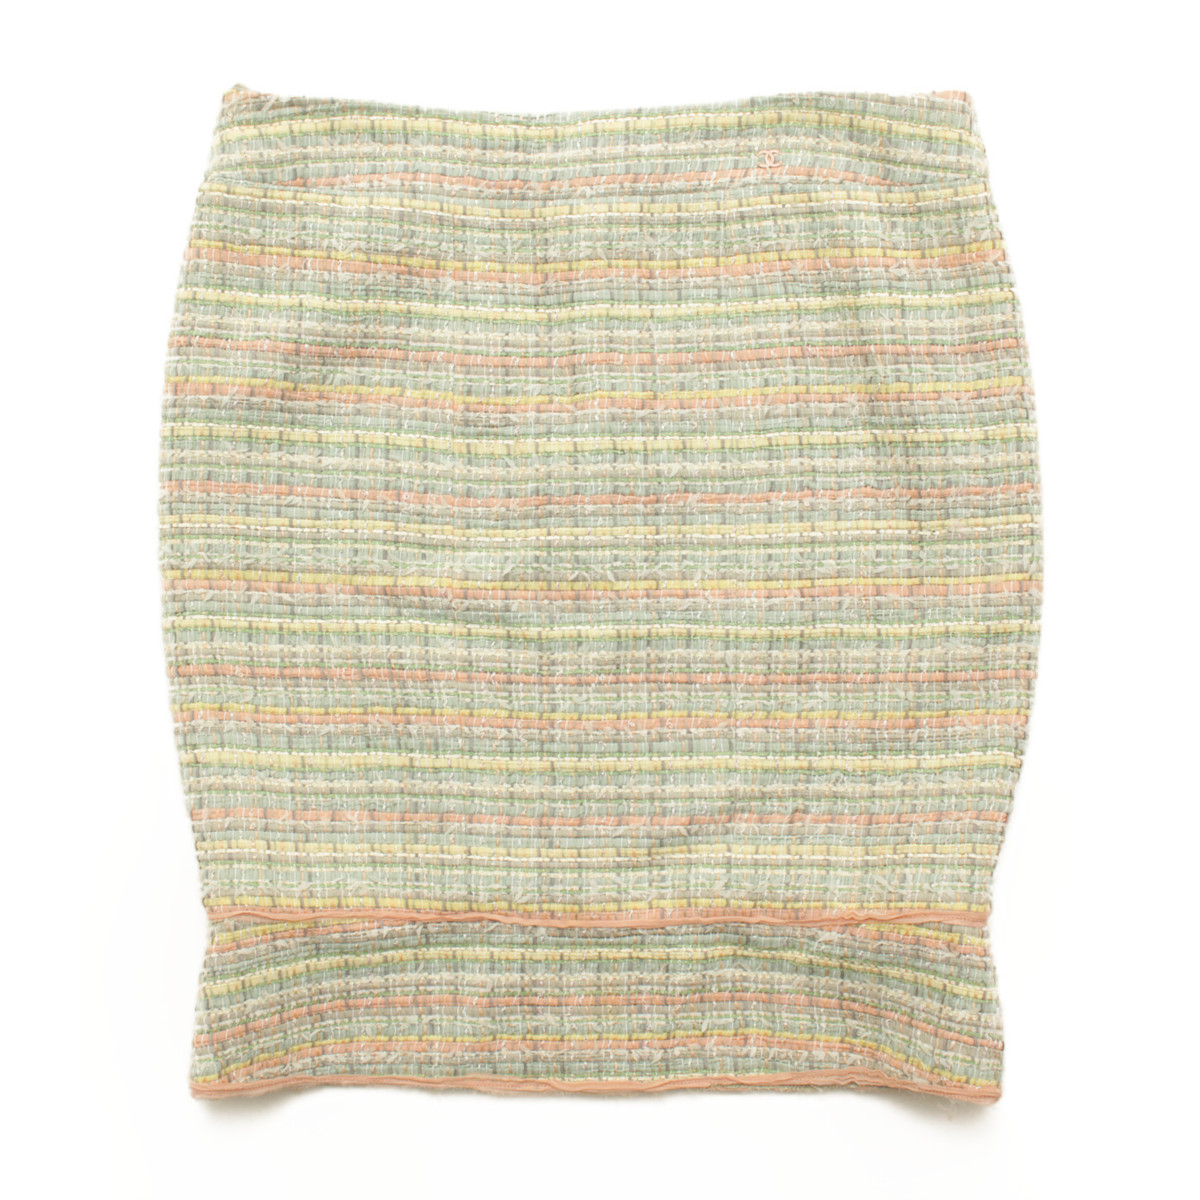 【シャネル】Chanel ツイード タイトスカート 05P グリーン系 44 【中古】【鑑定済・正規品保証】37568